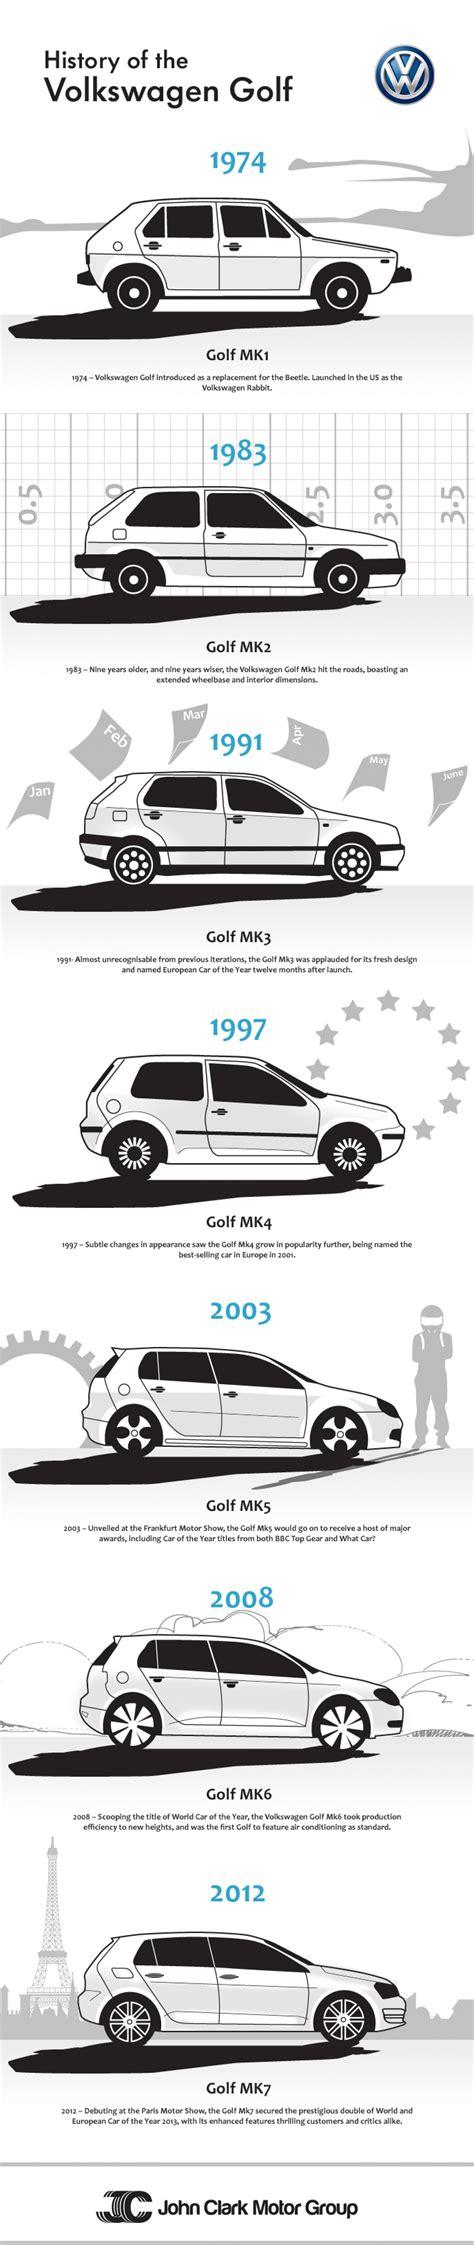 Volkswagen Golf Service Volkswagen Historical Photogallery